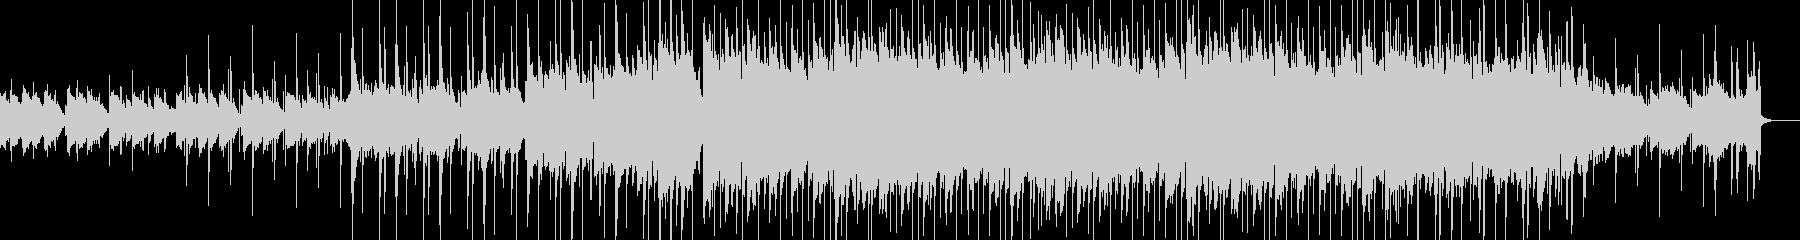 感動的なLo-Fi HipHopの未再生の波形